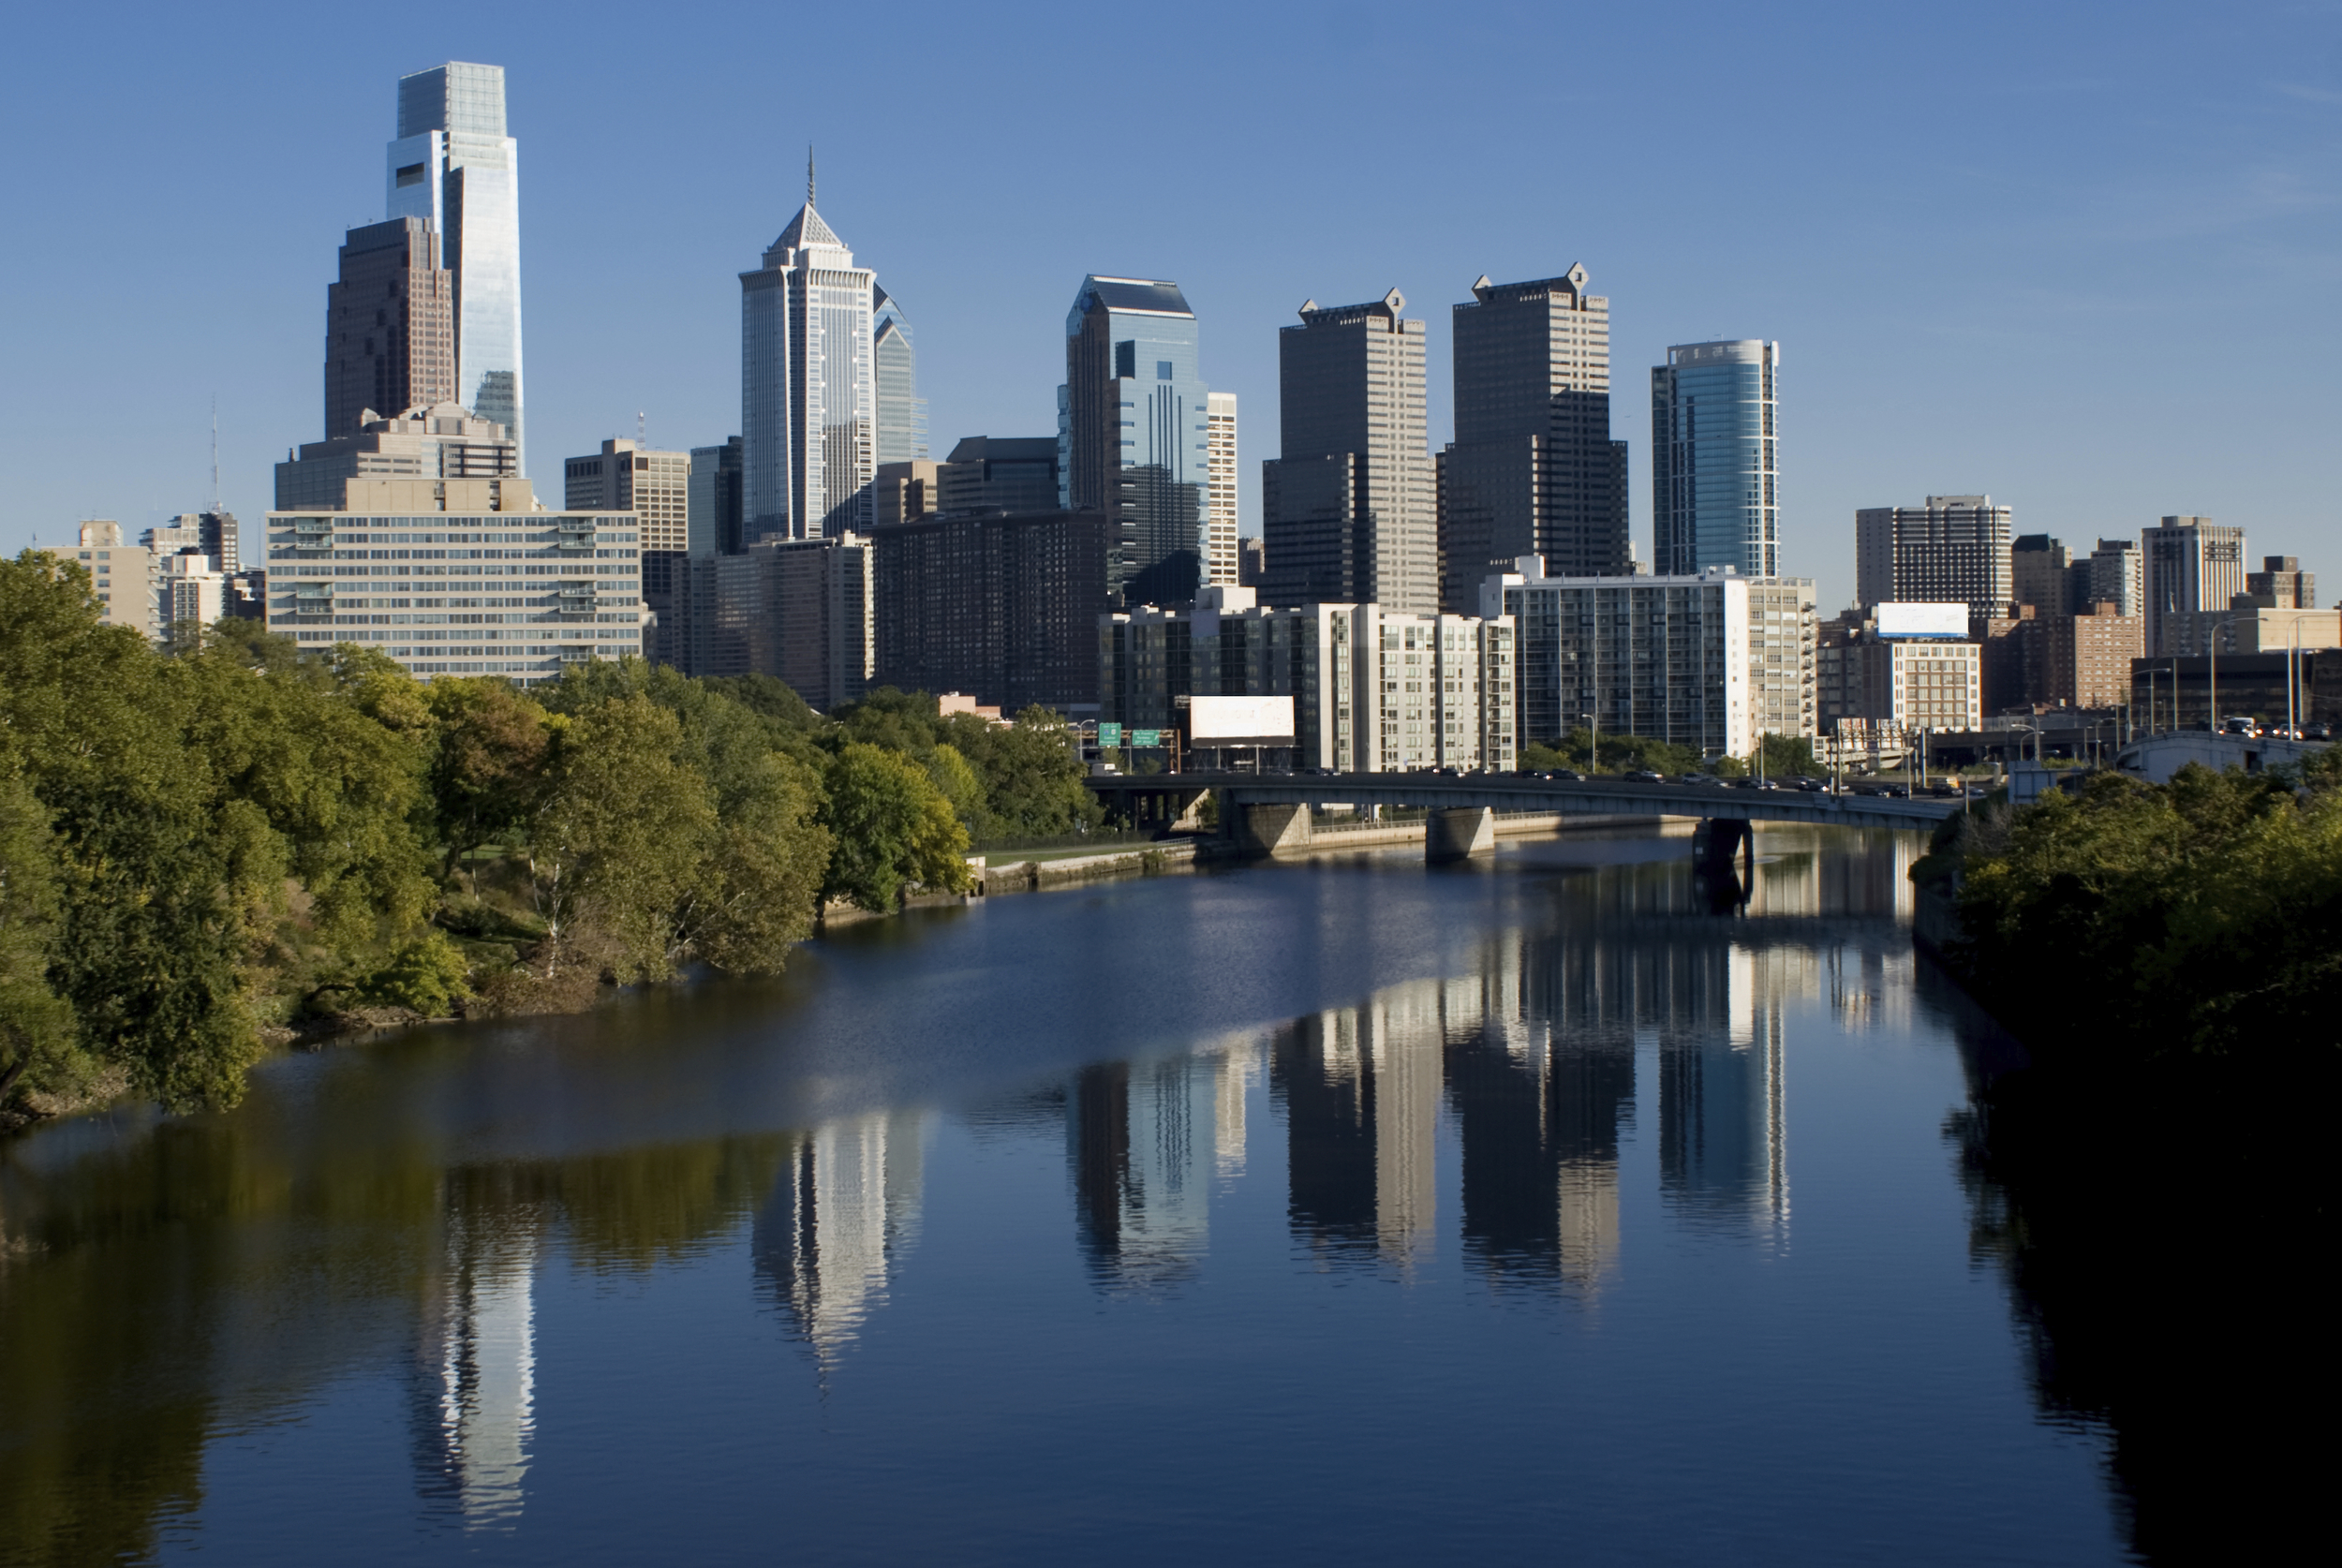 Giller_Realty_Philadelphia